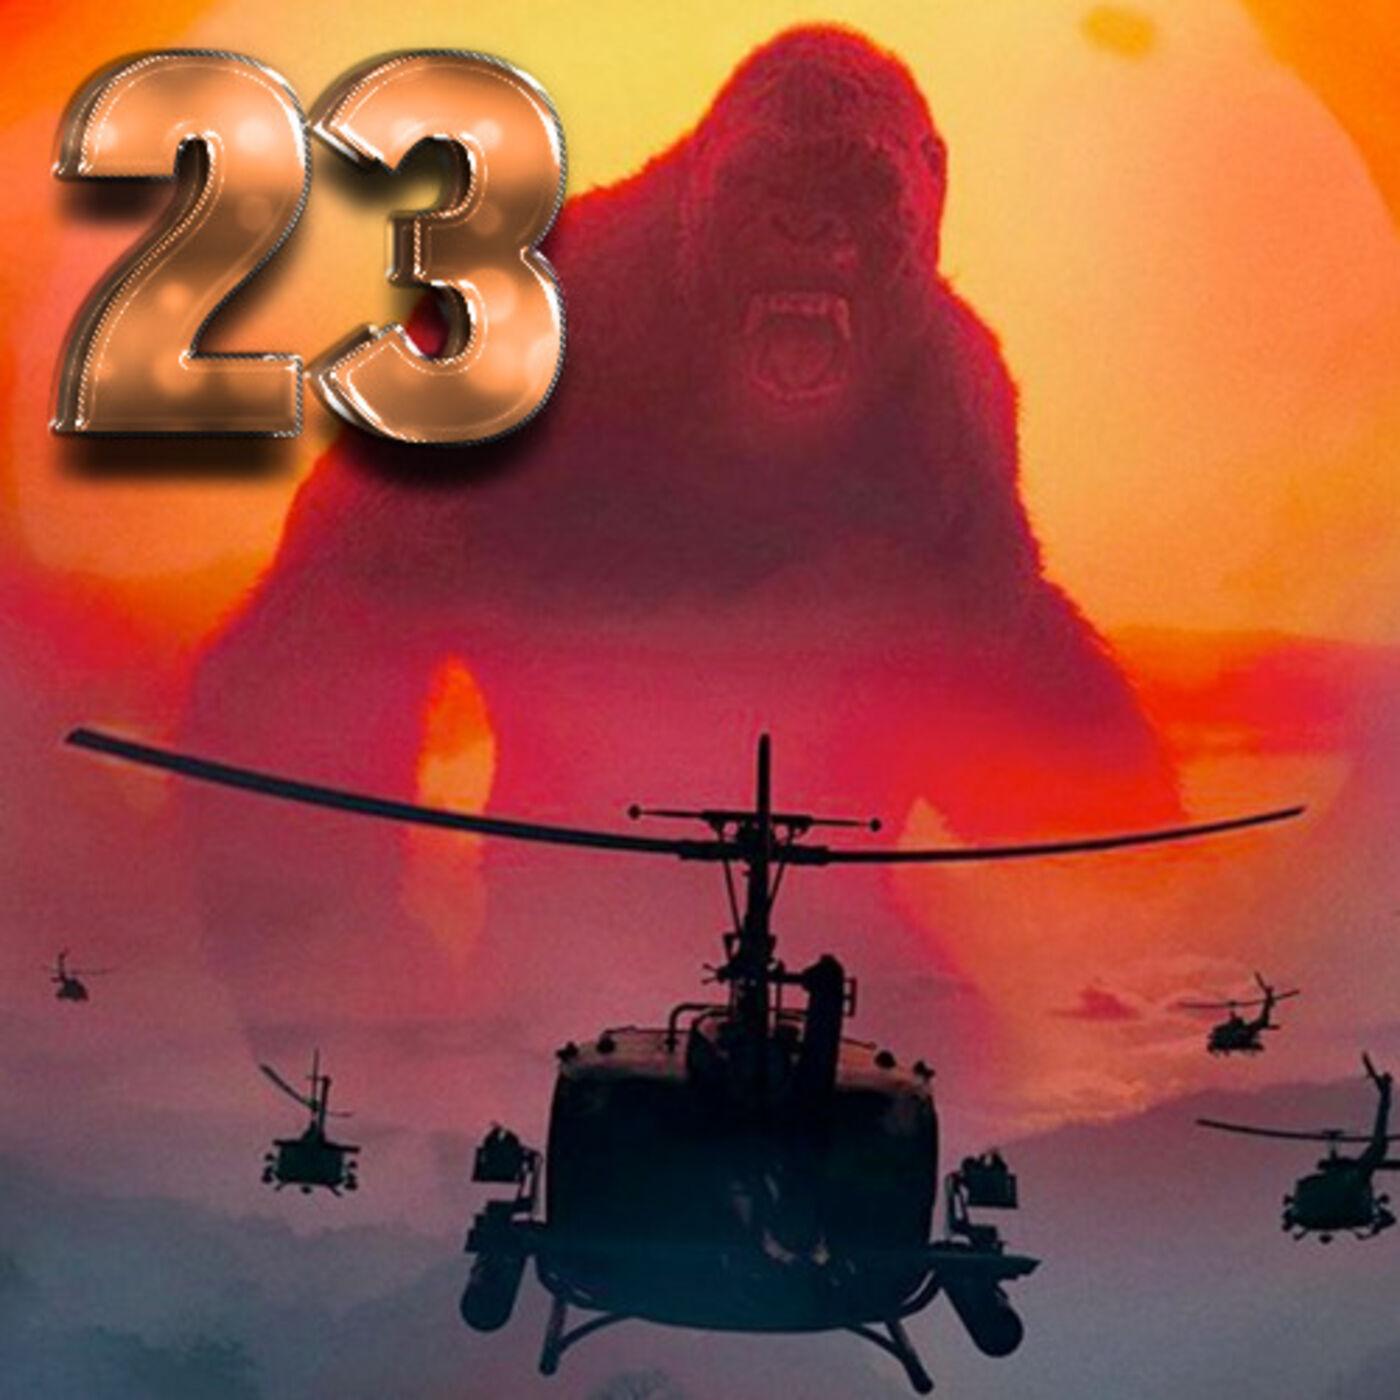 Ep 23 - The Road to Godzilla vs. Kong, Pt. 2: Kong: Skull Island (2017)